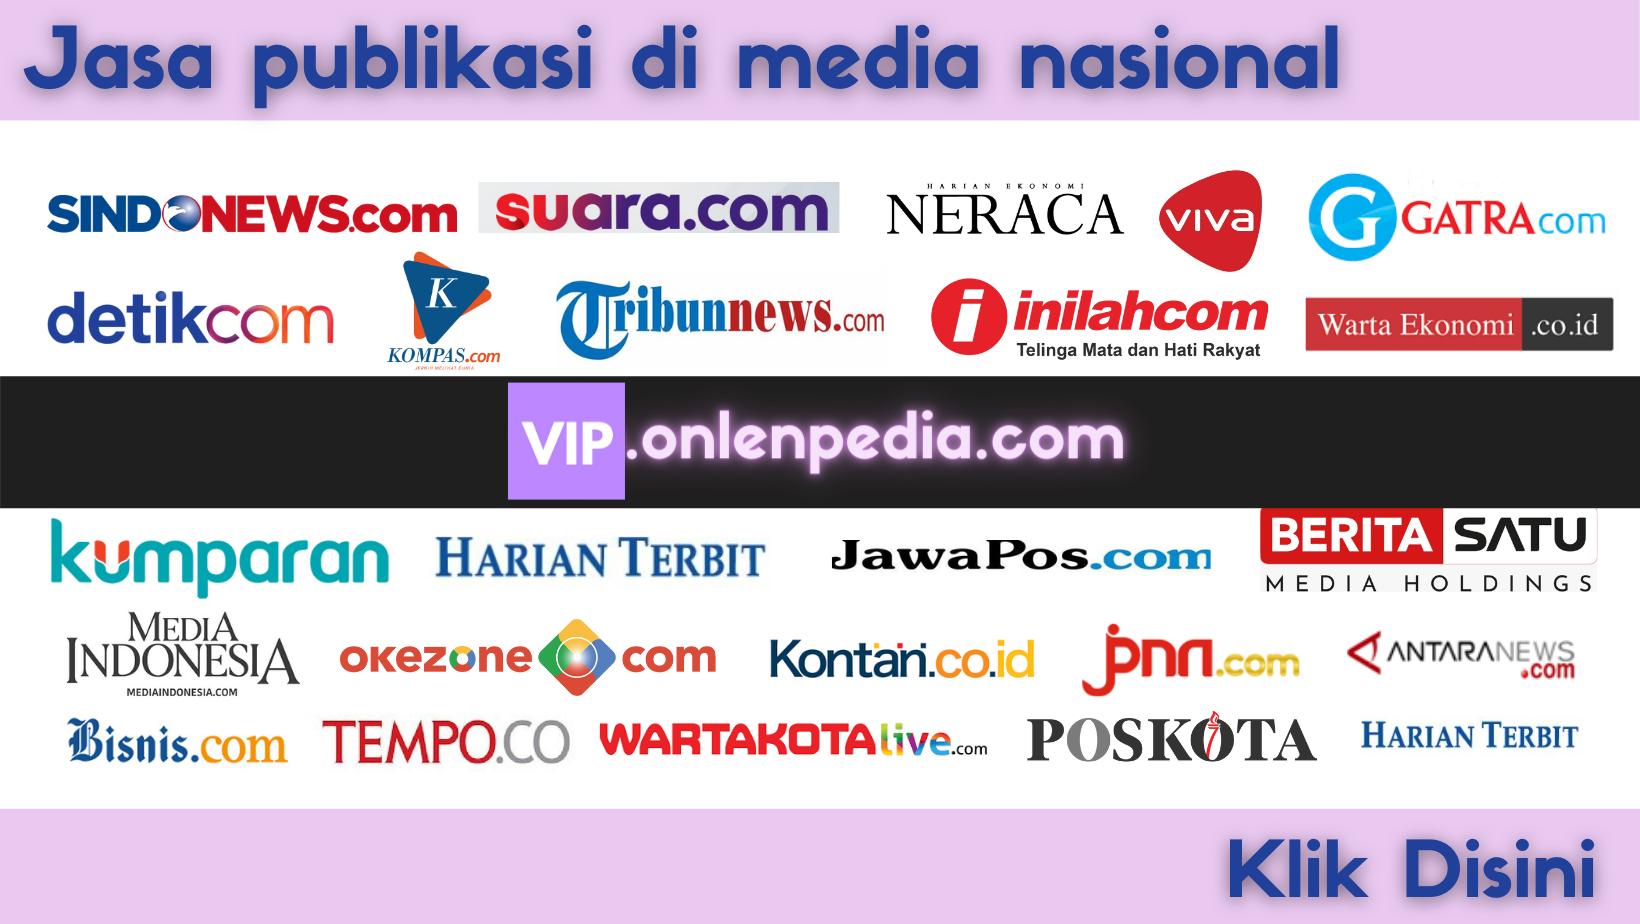 jasa publikasi di media online nasional ternama